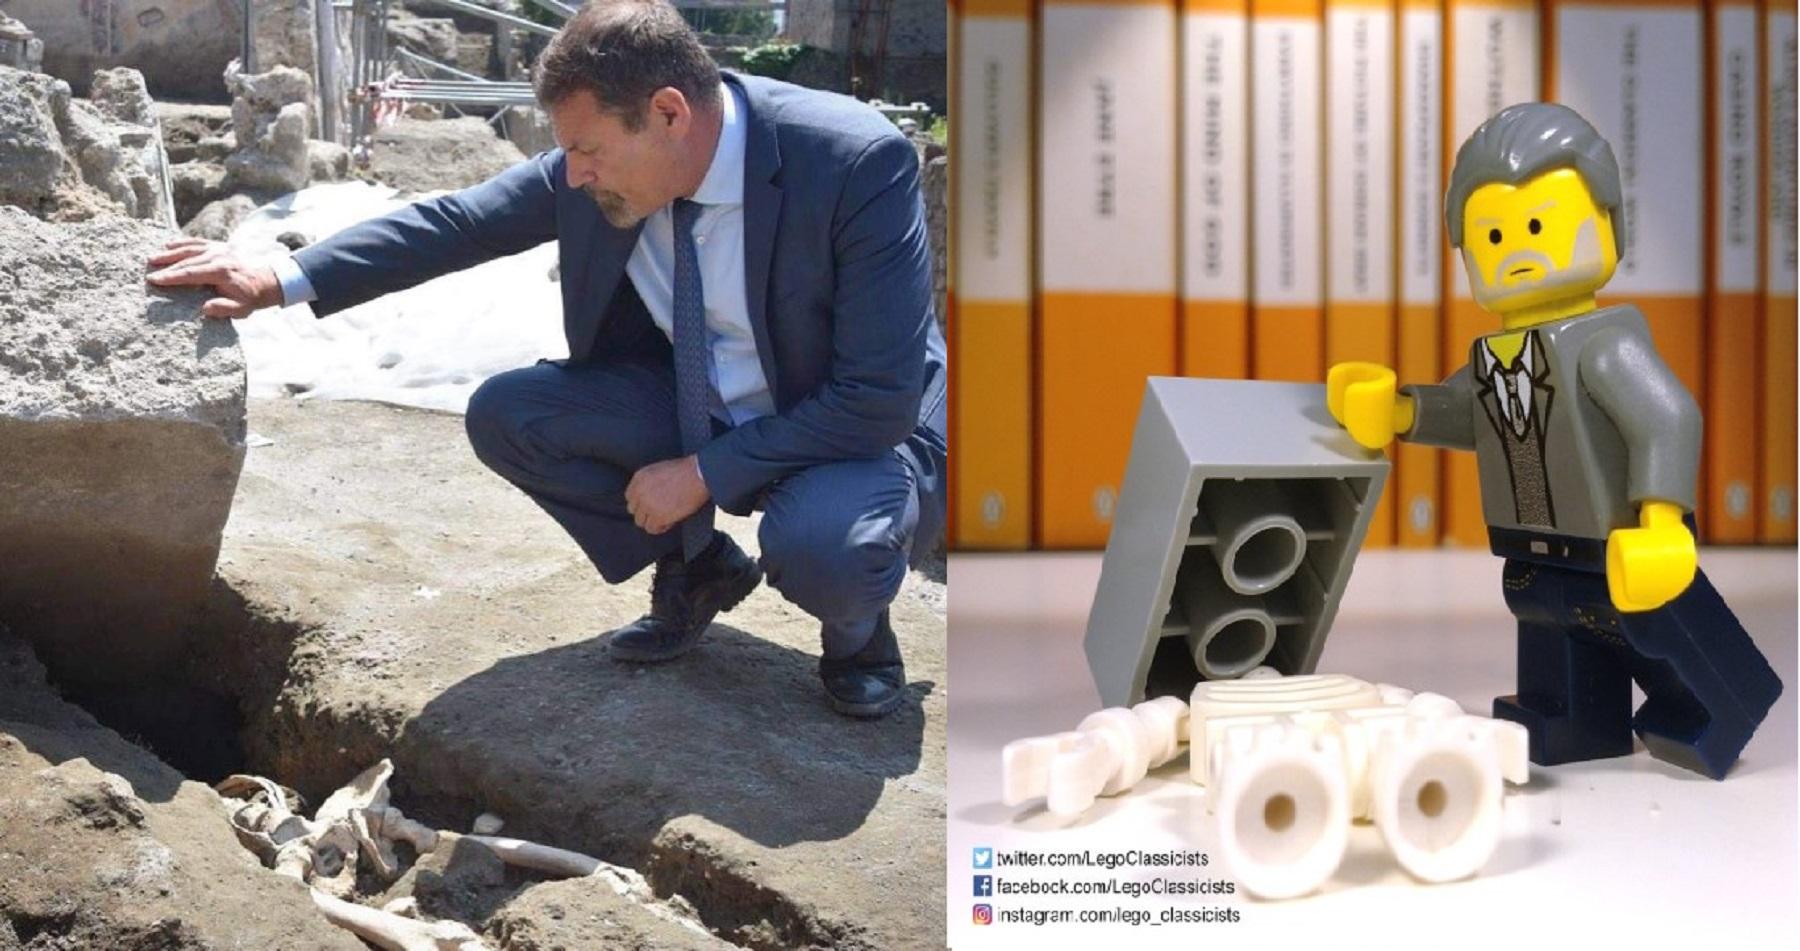 Il Direttore Generale Massimo Osanna (foto Parco Archeologico Pompei) e l'immagine su twitter della Lego Classics (foto twitter Lego Classics)